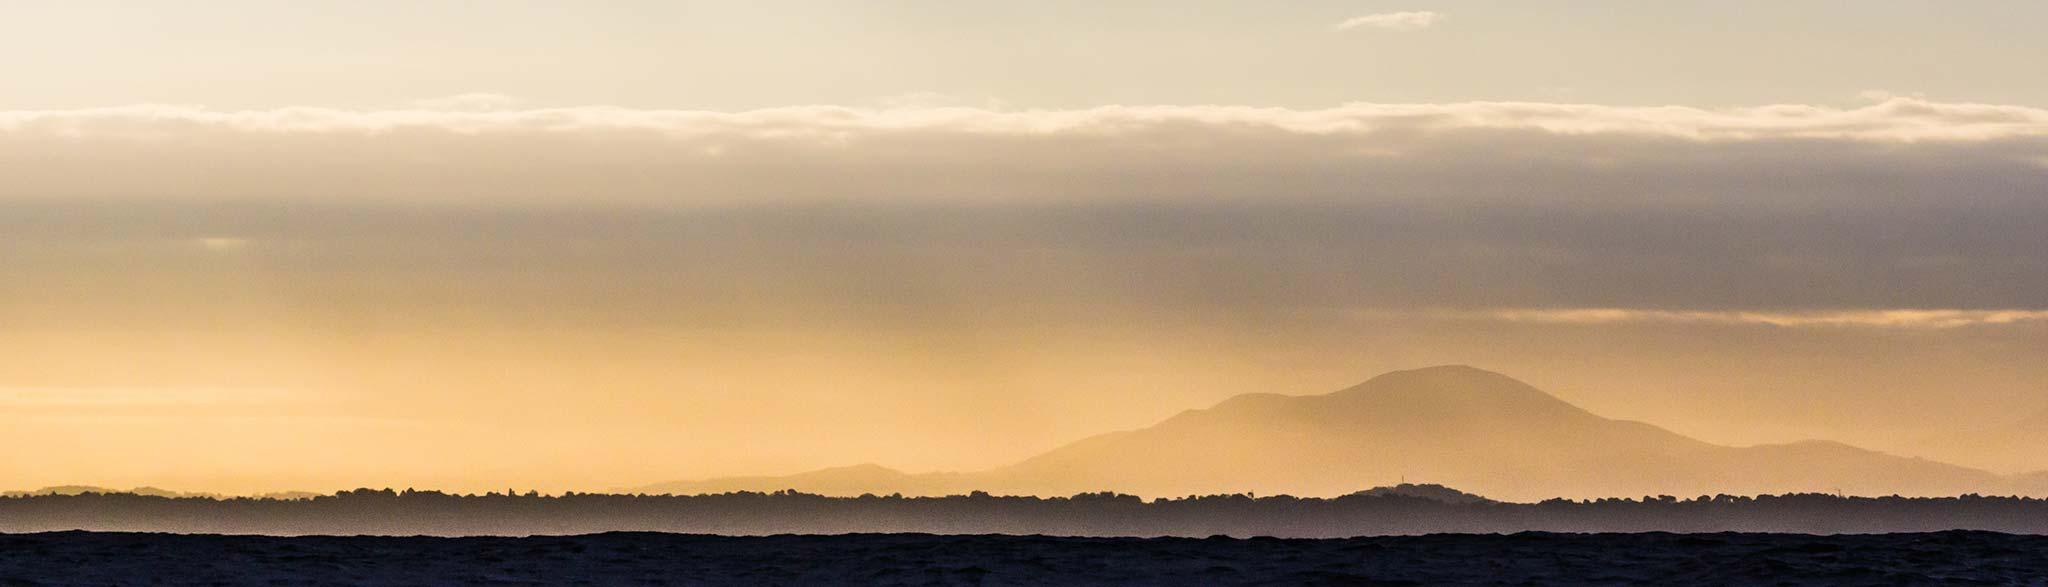 Sonnenuntergang am Ozean von thibault-mokuenko auf unsplash.com